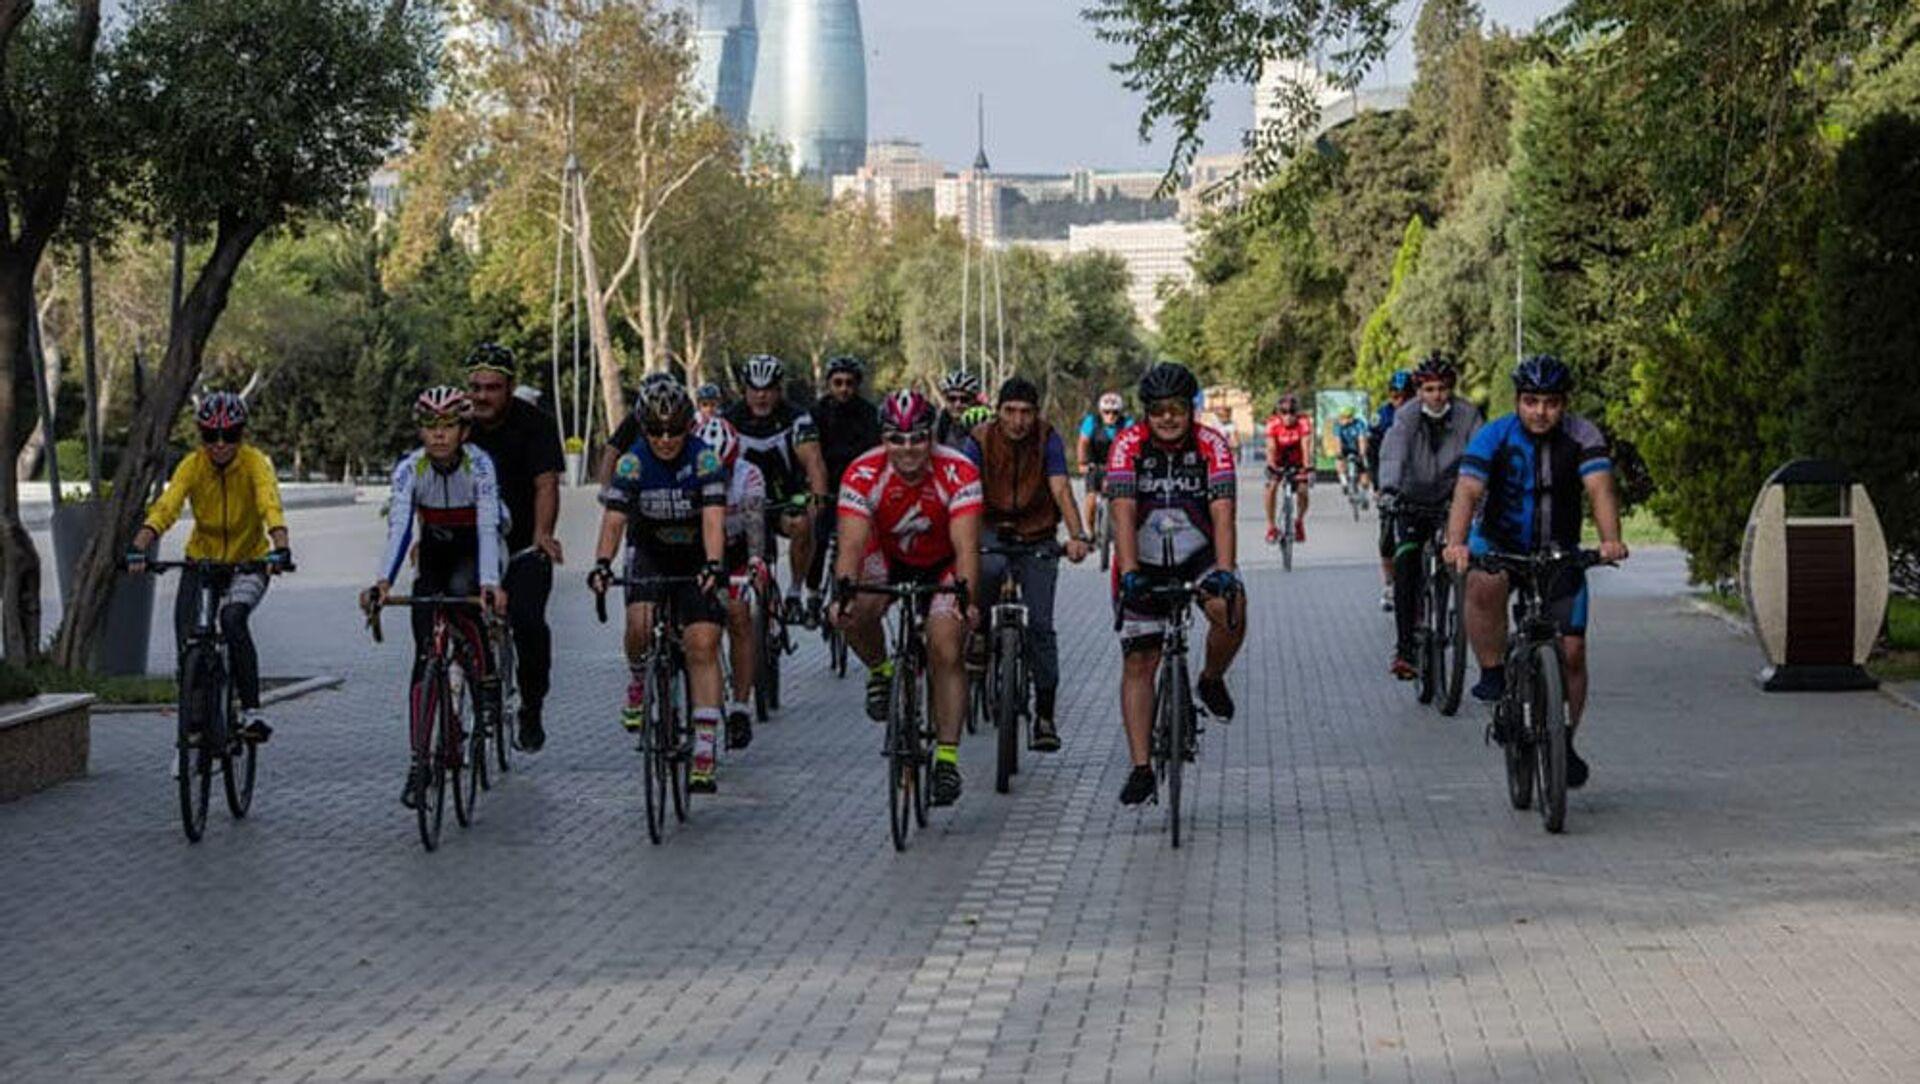 Международный велопробег, приуроченный к годовщине начала победоносной 44-дневной войны в Карабахе - Sputnik Азербайджан, 1920, 20.09.2021